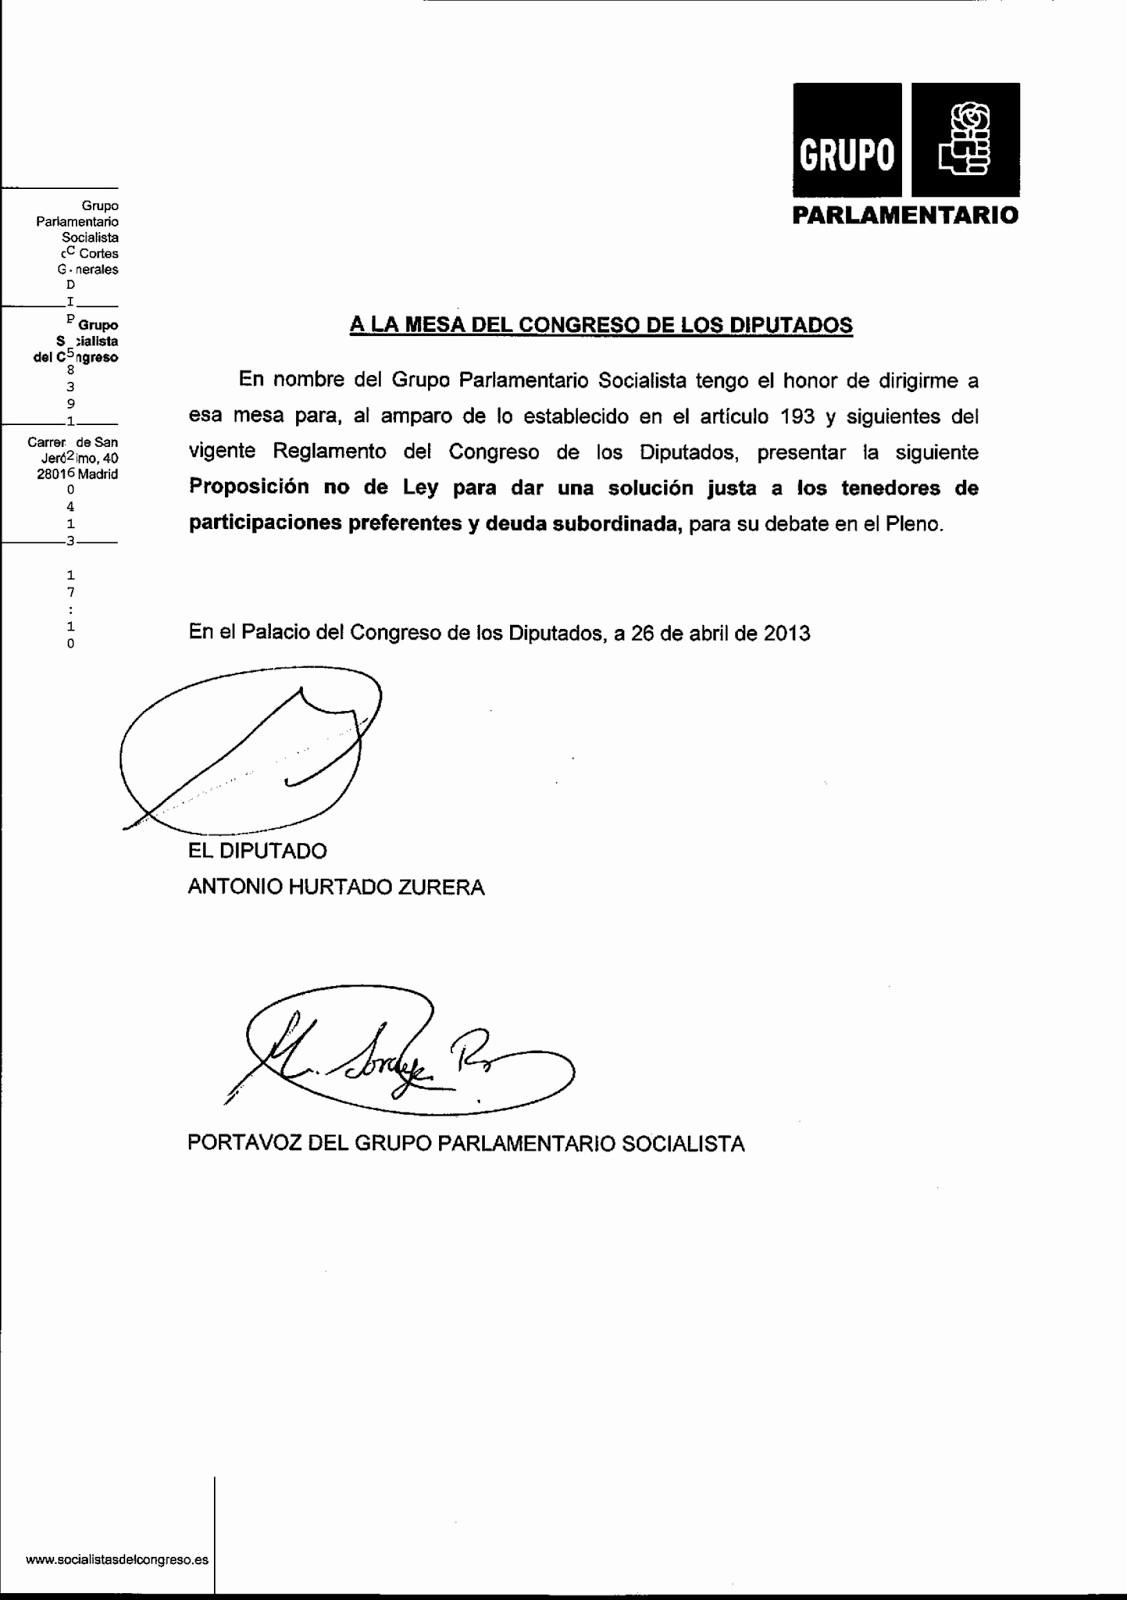 Formatos De Acuse De Recibo Fresh formato De Acuse De Recibo Estafa Preferentes Bankia 2009